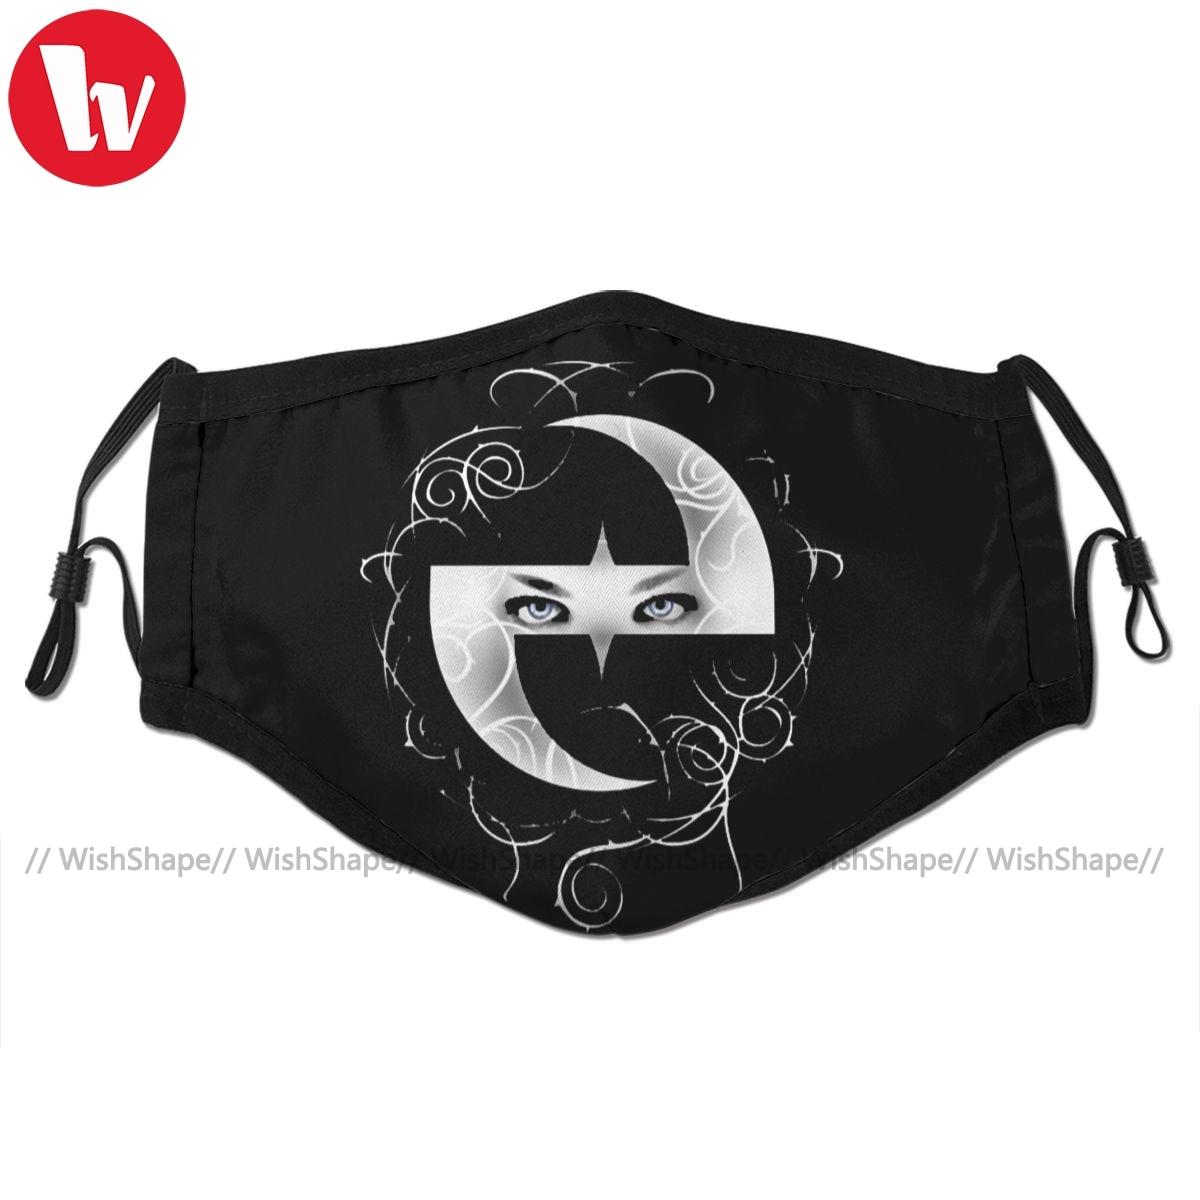 Filtros para Adulto Legal com 2 Evanescence Boca Máscara Facial Moda